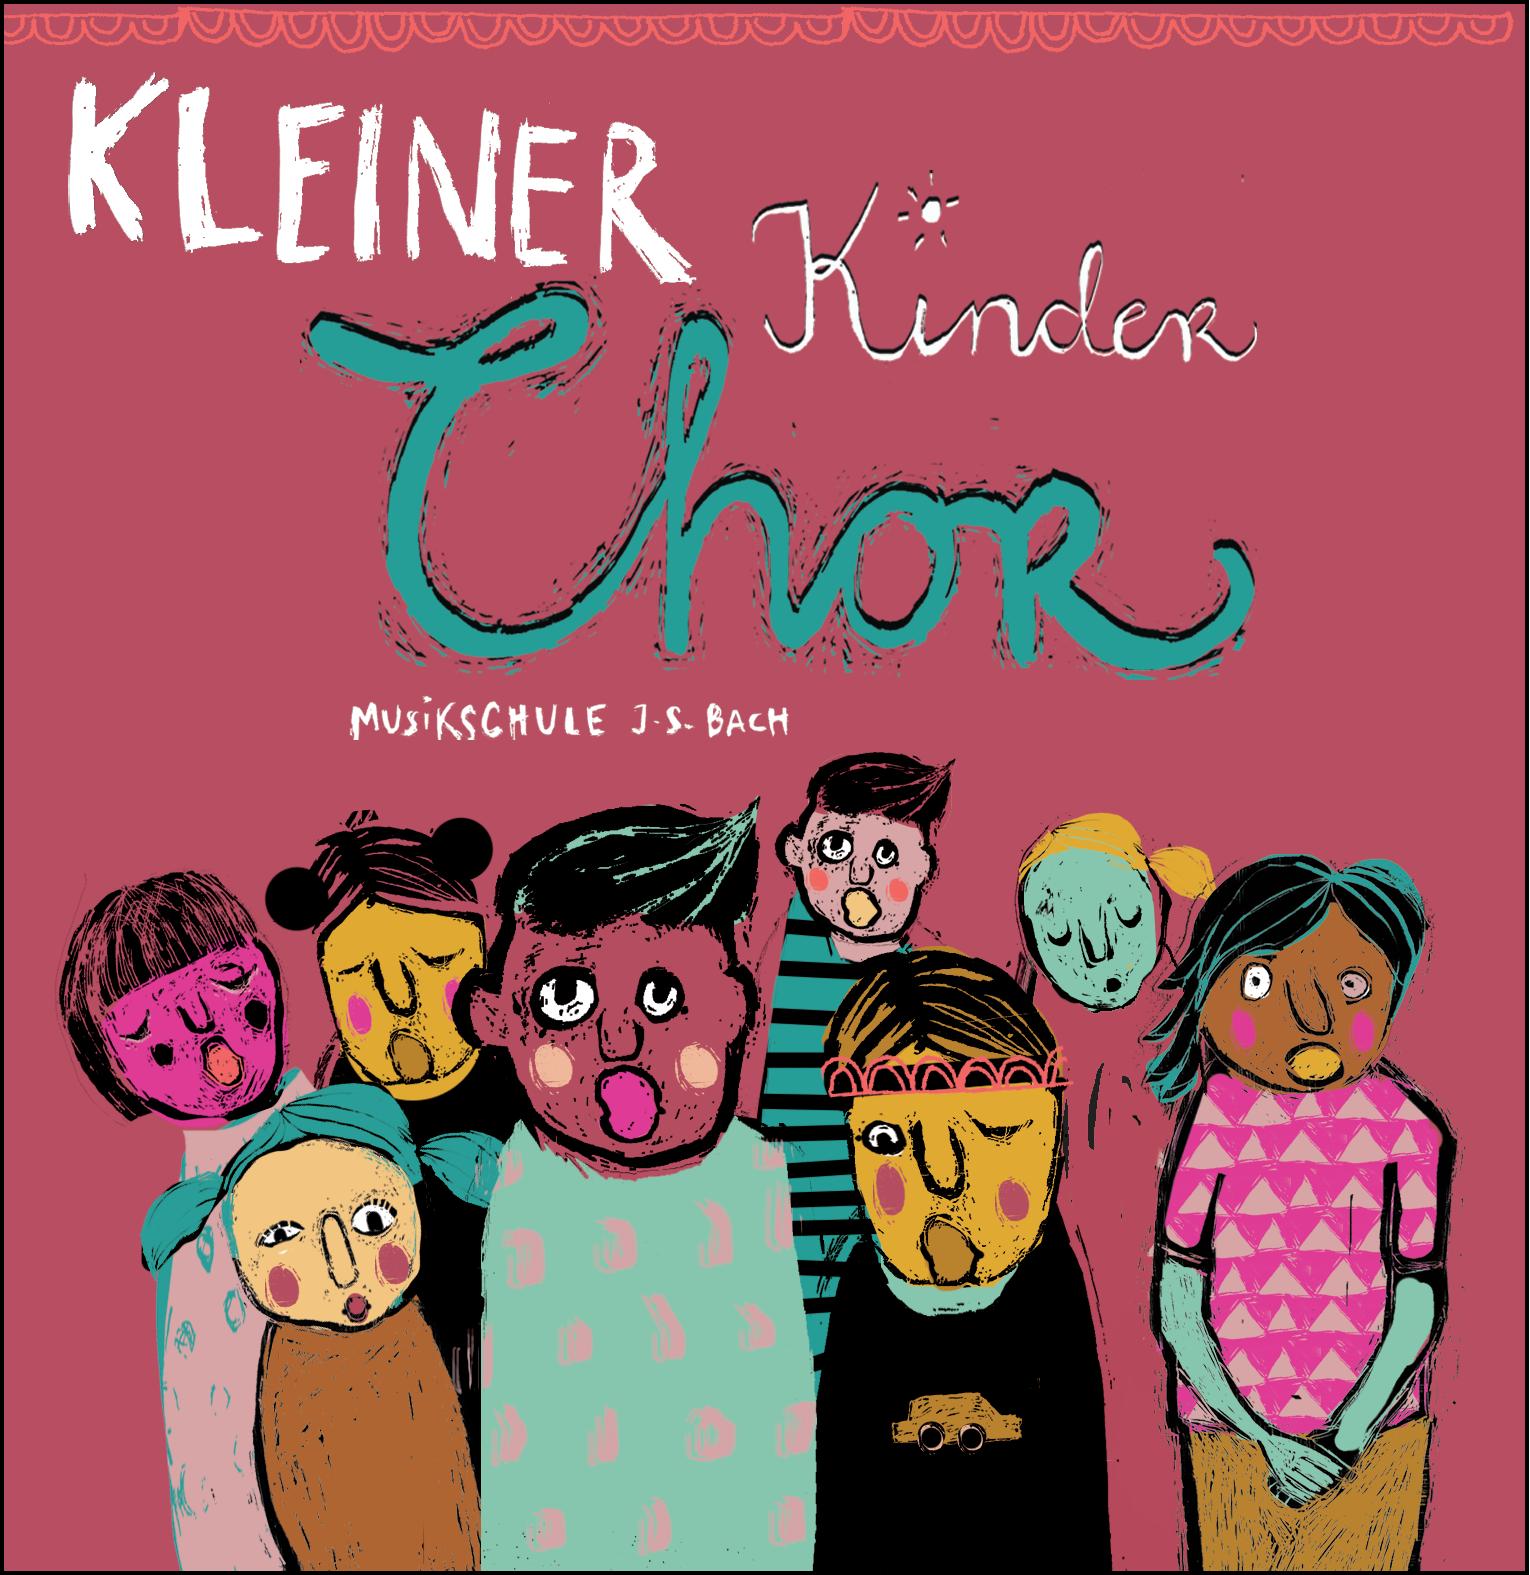 Kleiner Kinder Chor Potsdam